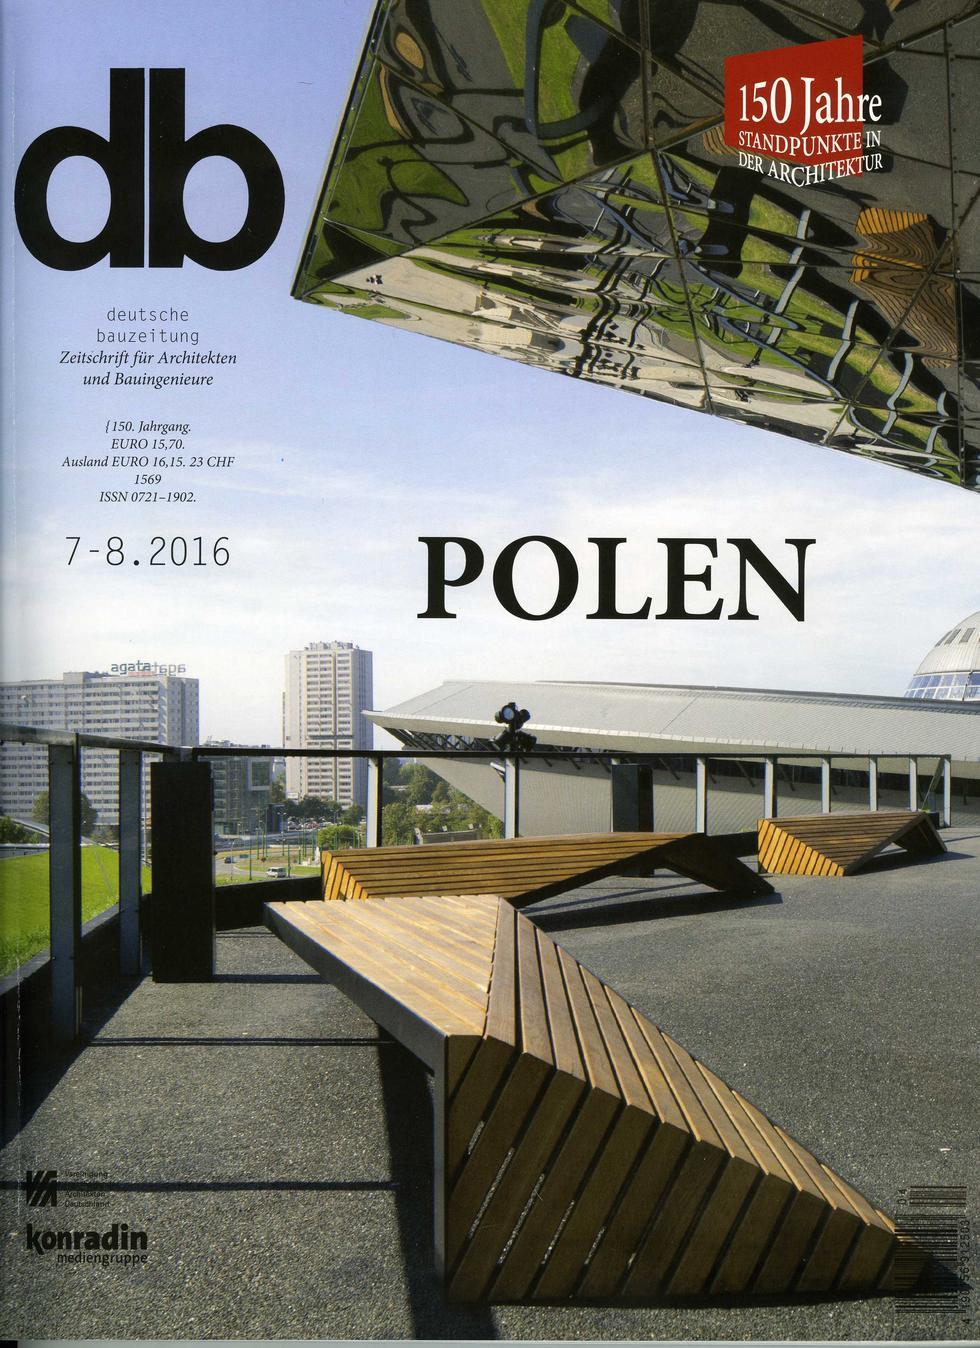 Deutsche Bauzeitung 7-8.2016